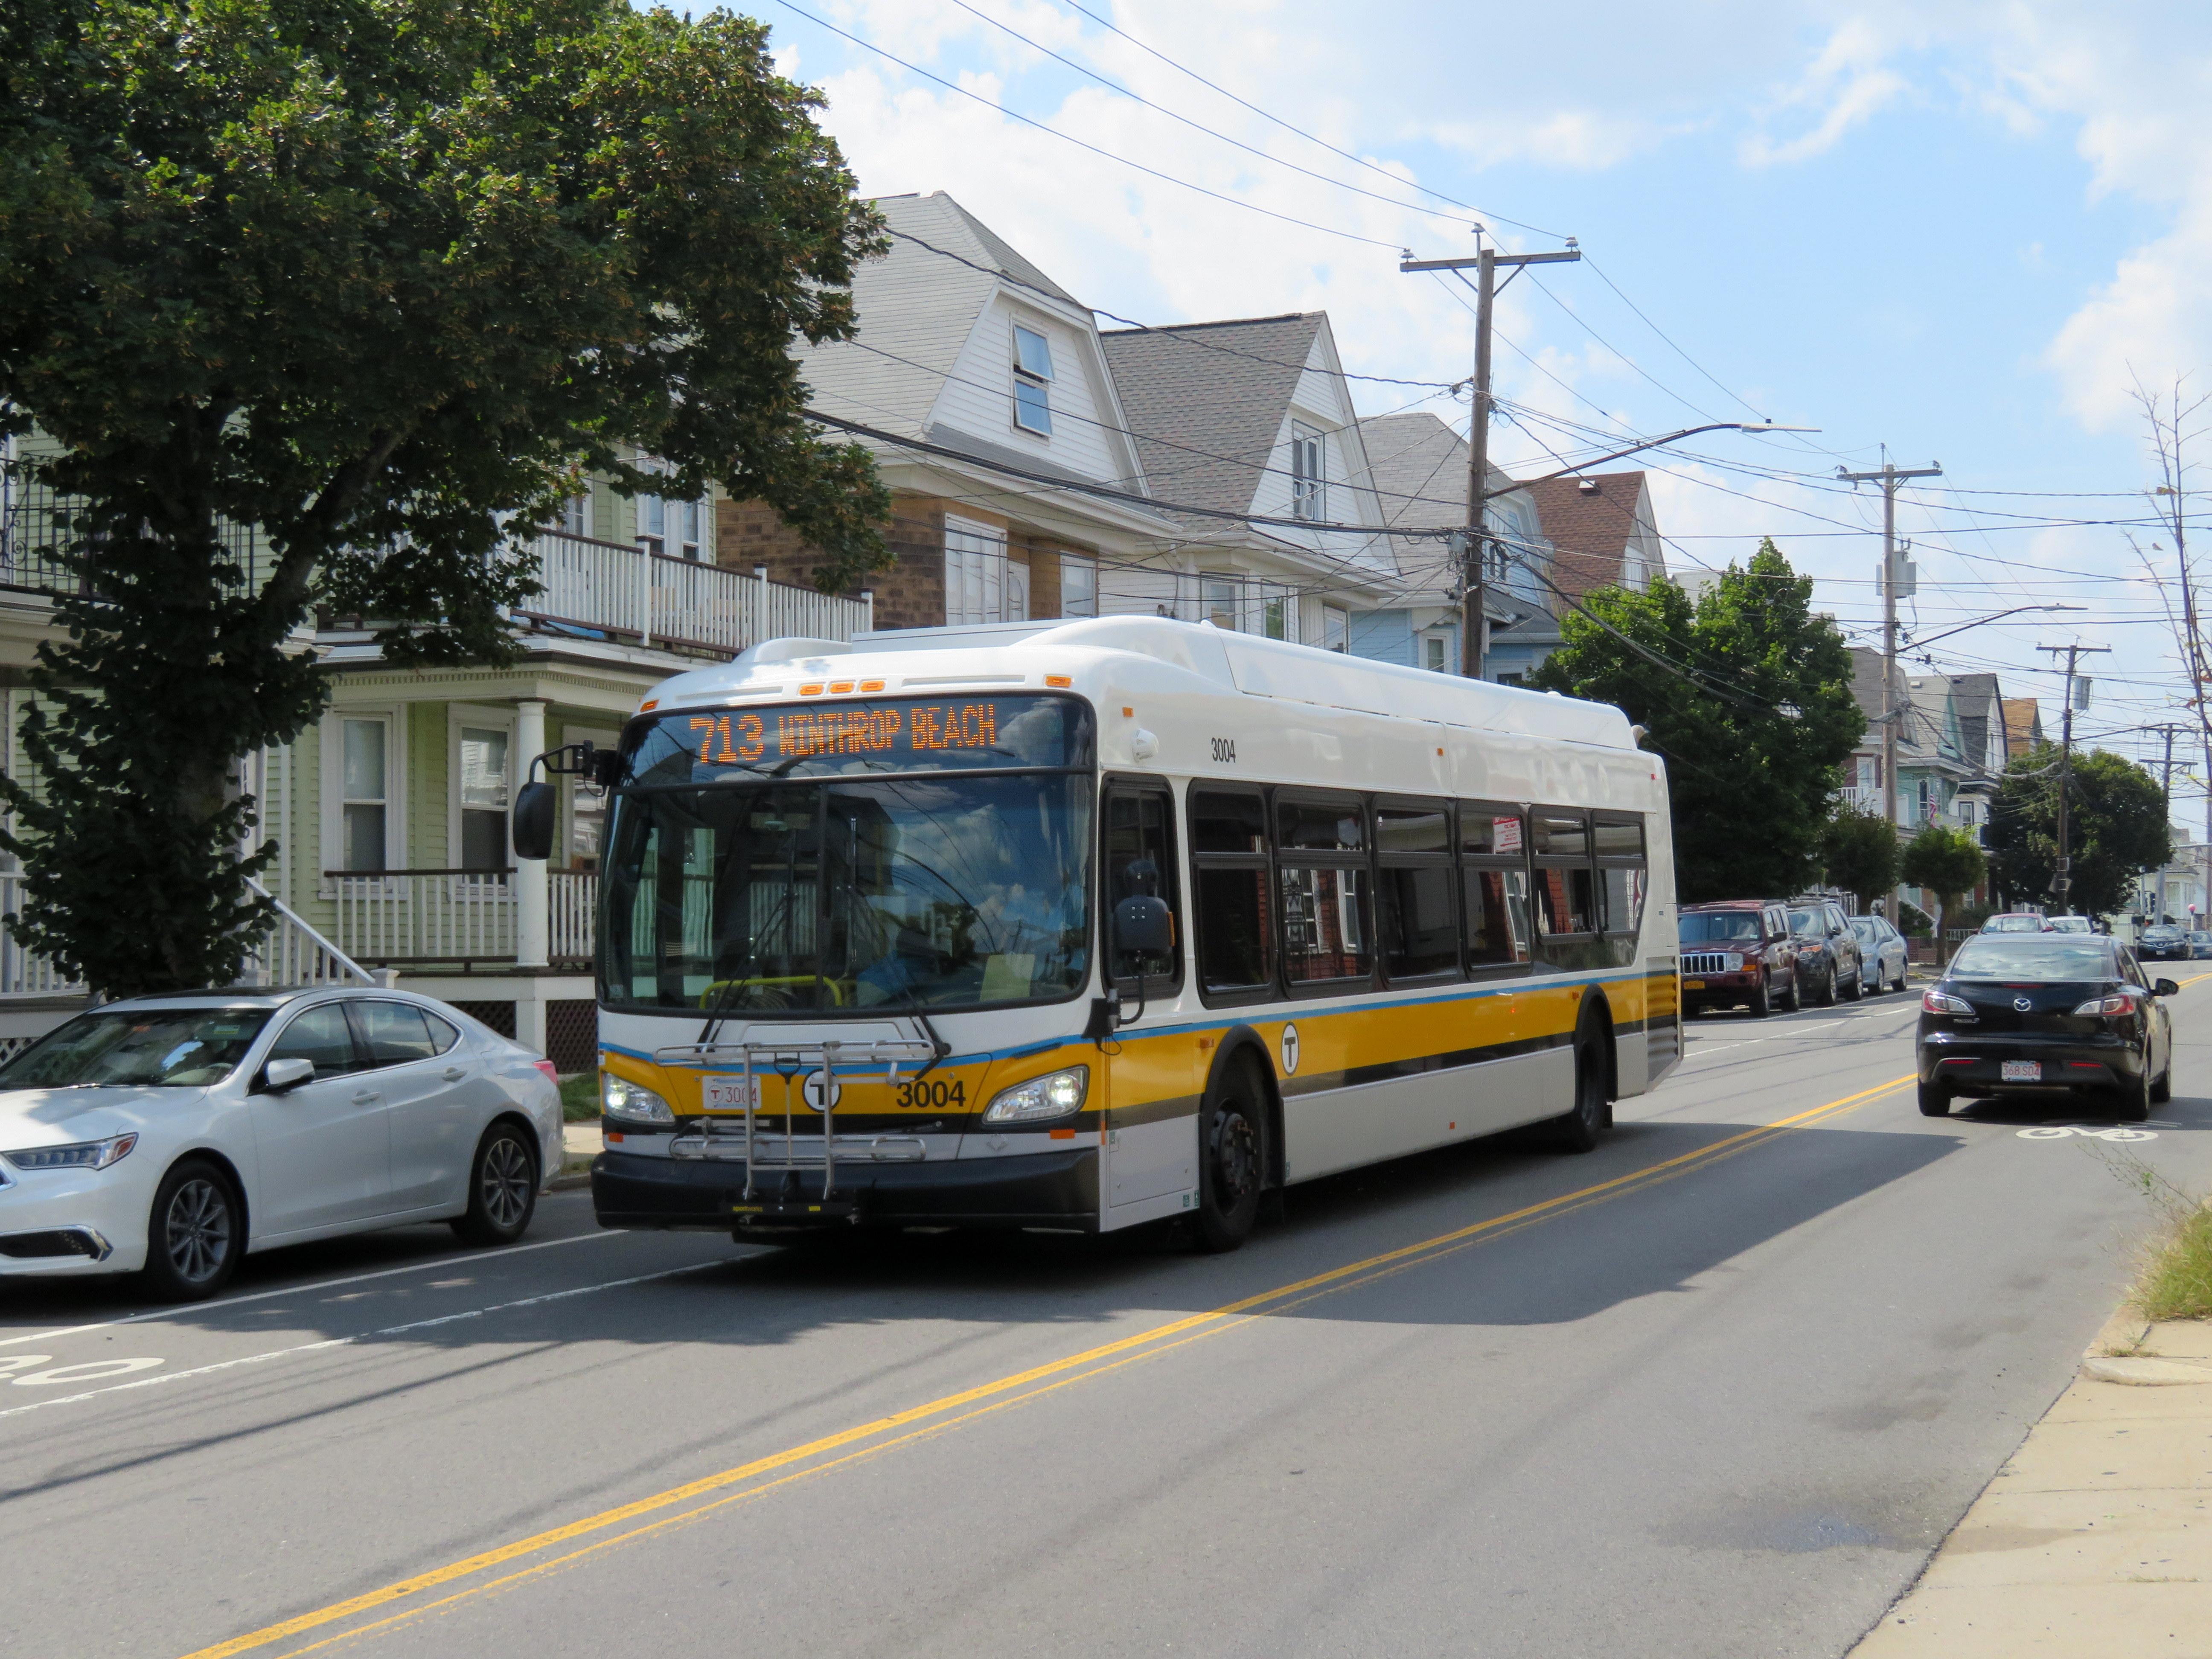 File Mbta Route 713 Bus On Saratoga Street August 2018